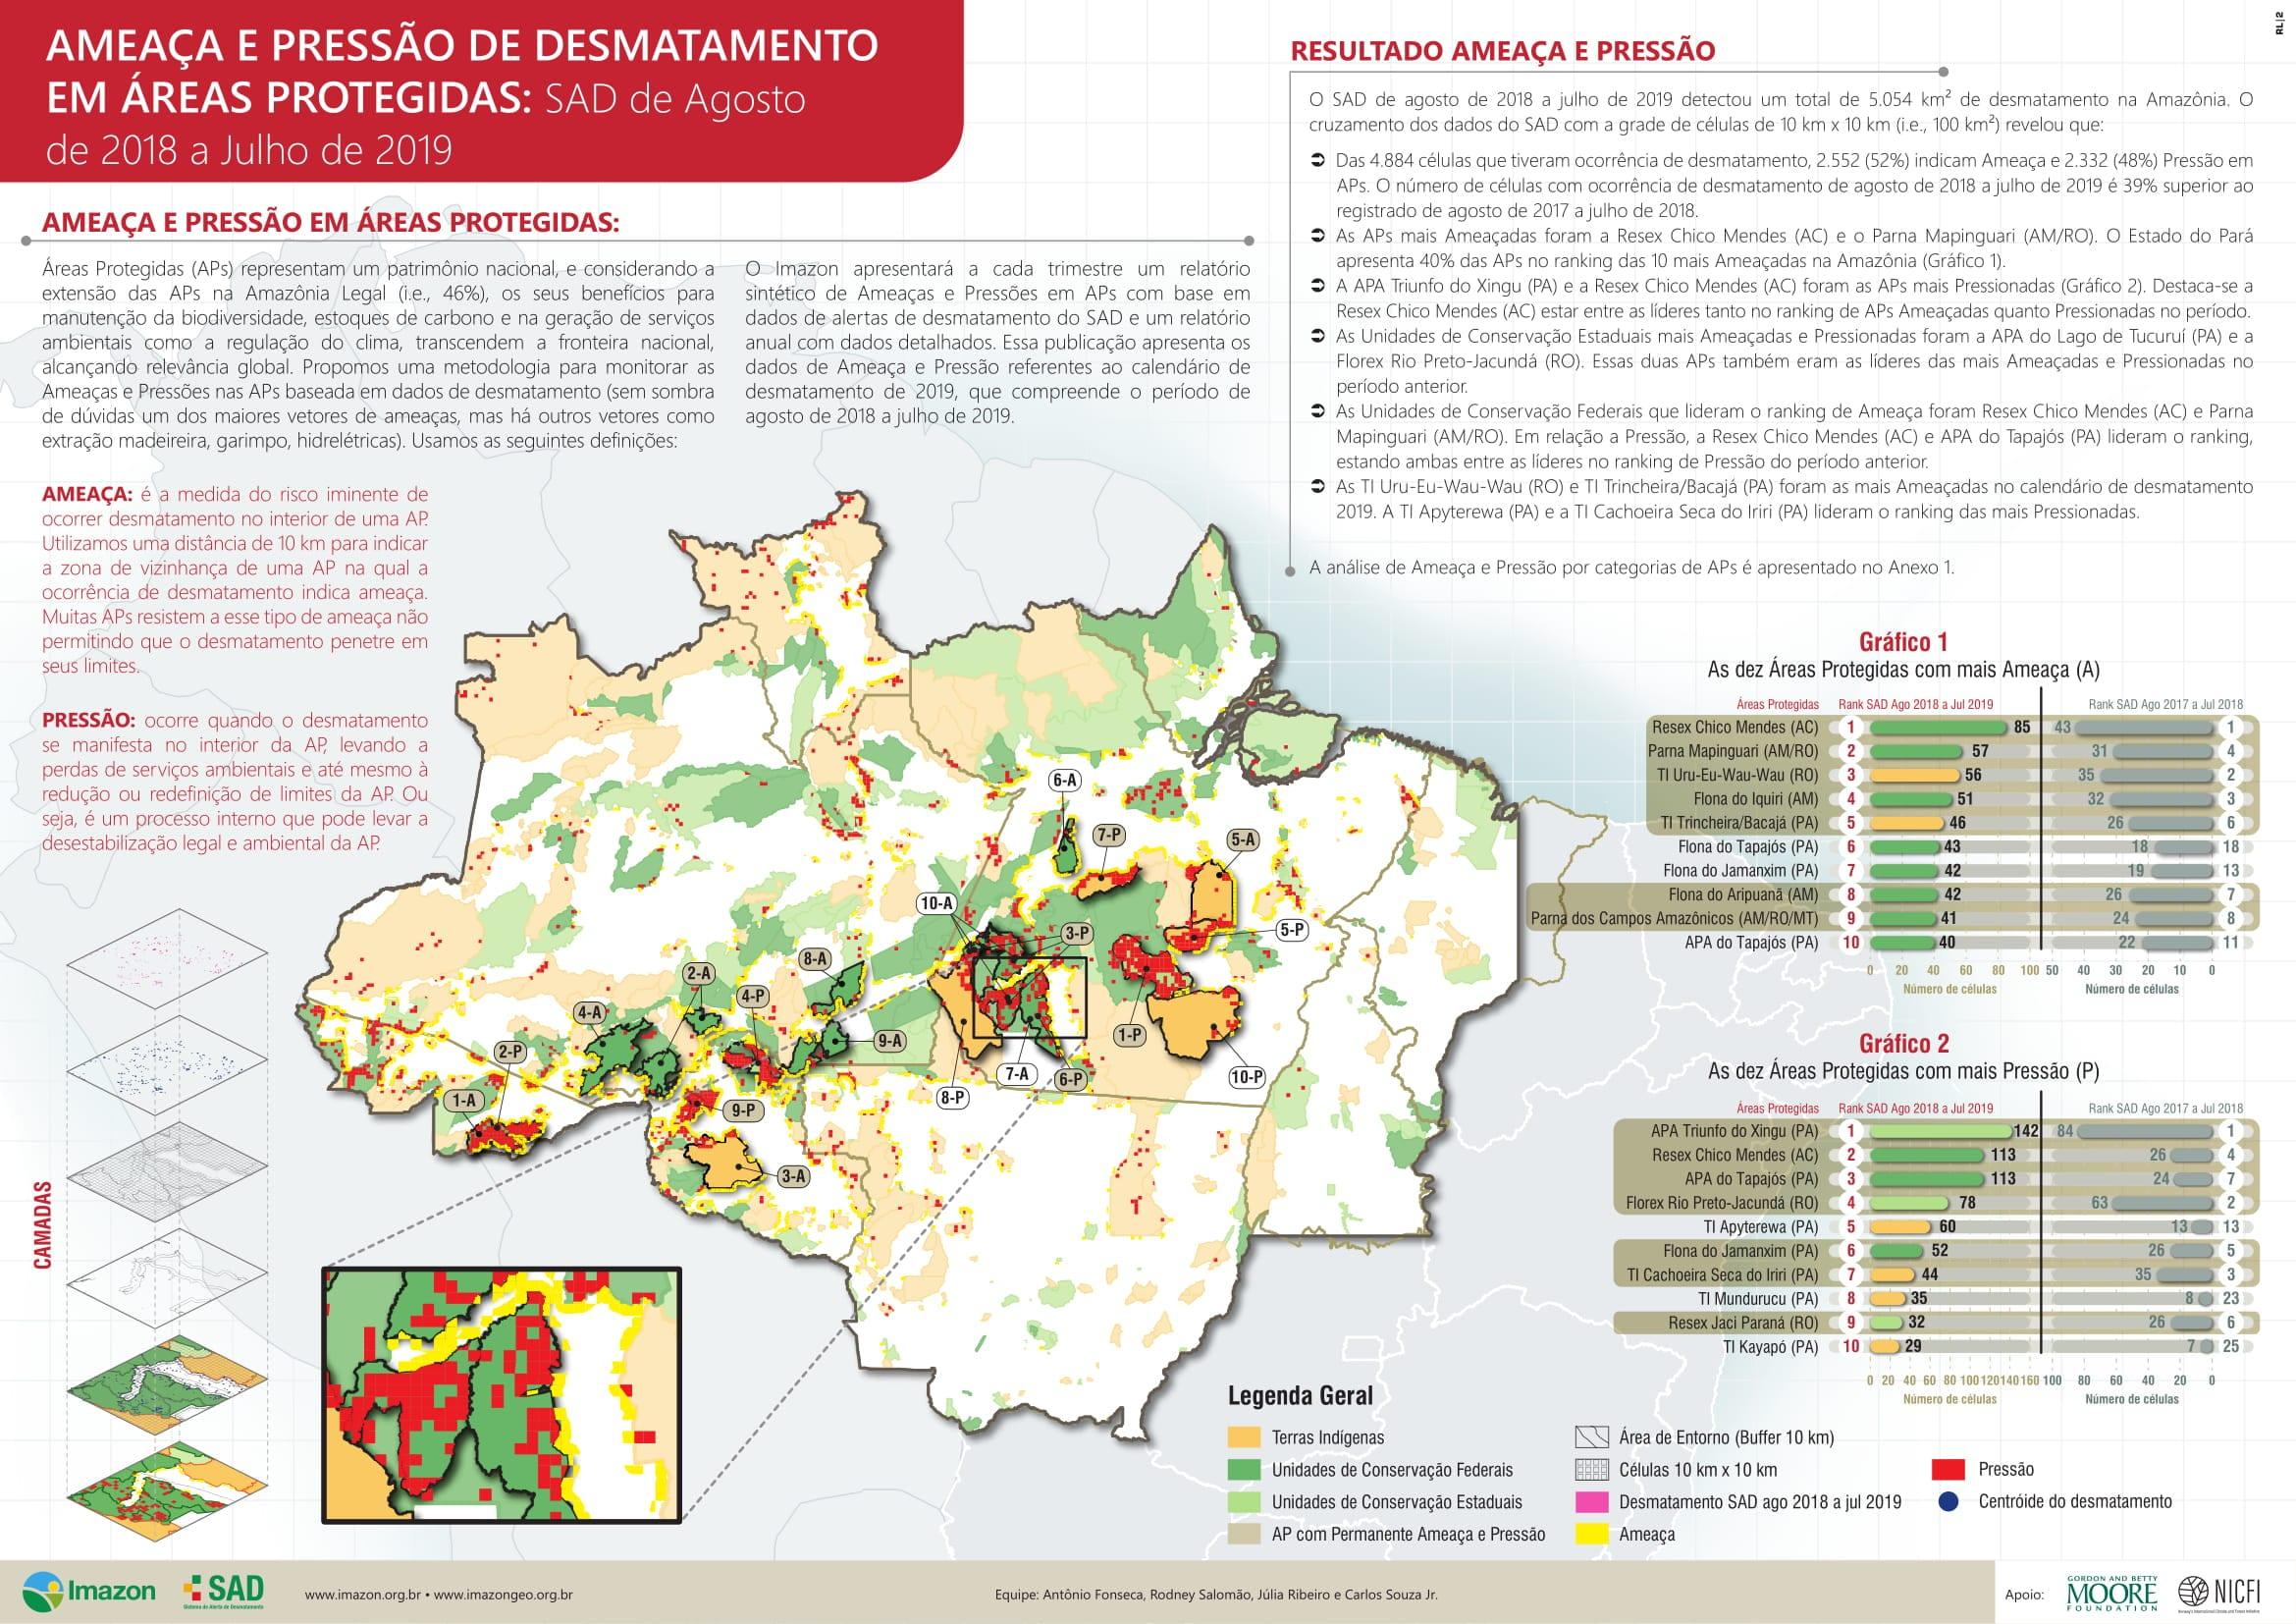 AmeacaPressao 1 - Ameaça e Pressão e Desmatamento em Áreas Protegidas: SAD de Agosto de 2018 a Julho de 2019